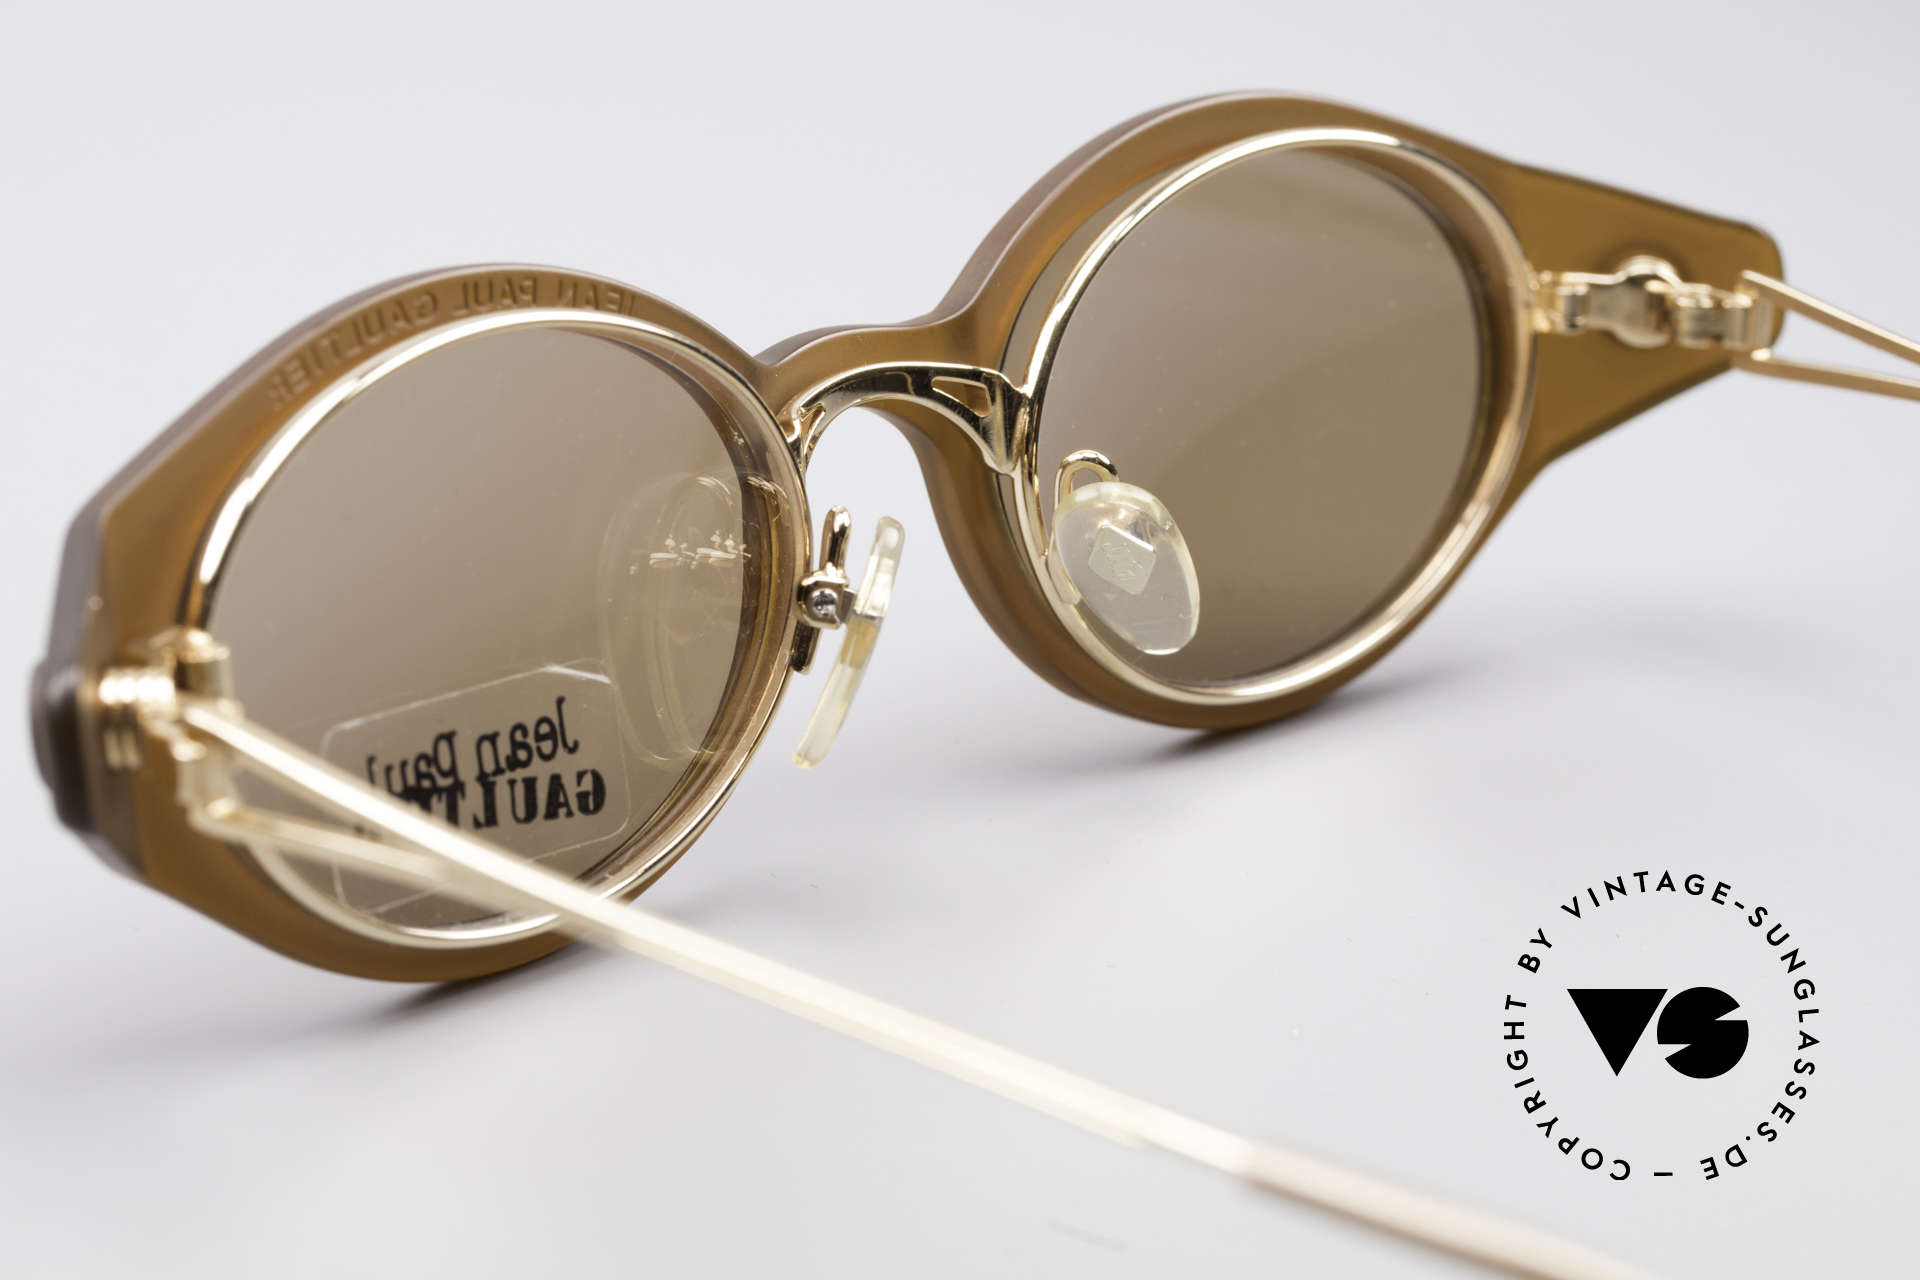 Jean Paul Gaultier 56-7202 Ovale Brille mit Sonnenclip, ungetragen (wie alle unsere Jean Paul Gaultier Brillen), Passend für Herren und Damen